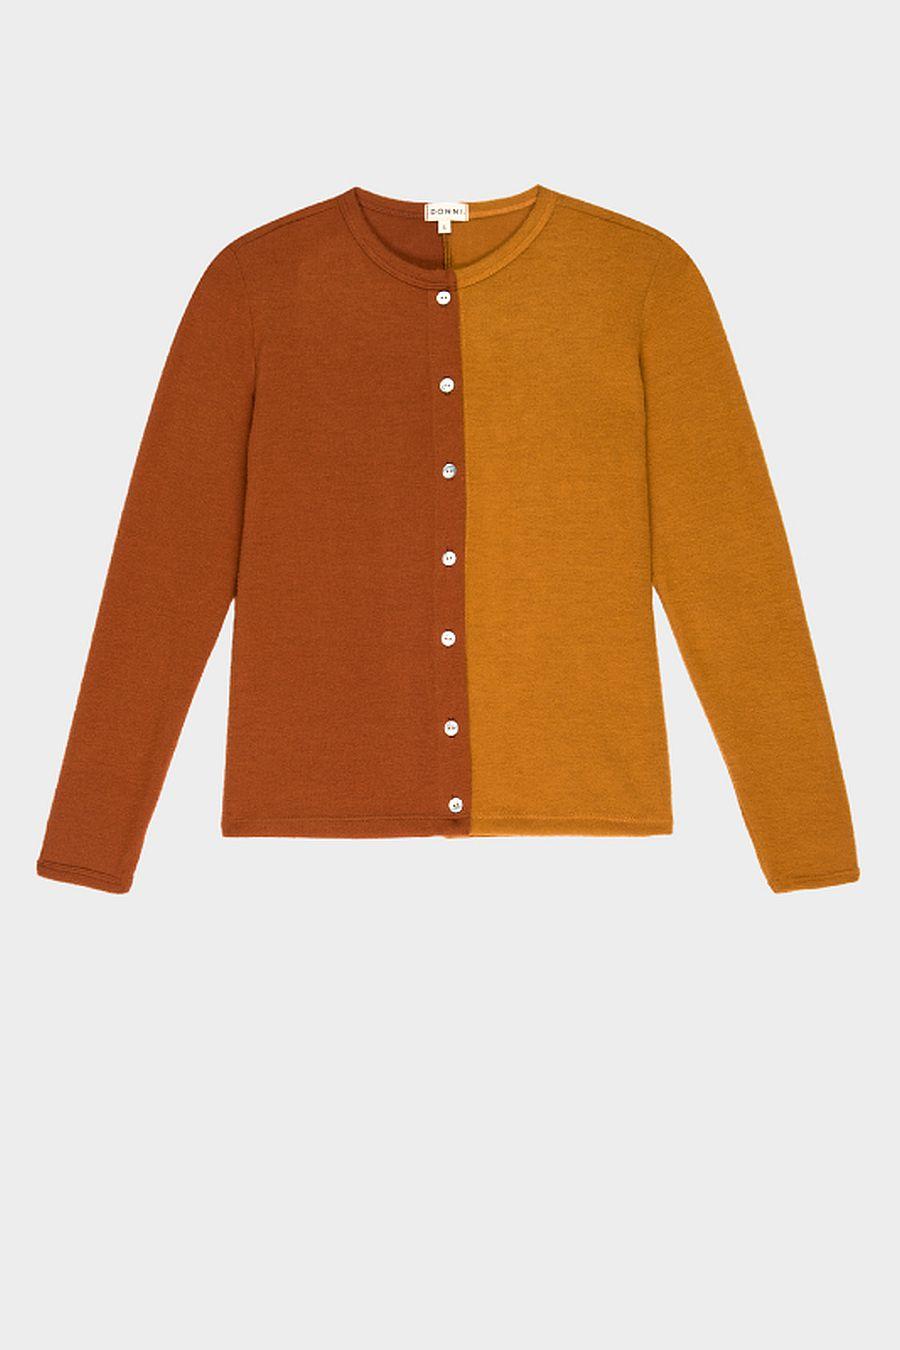 DONNI. Duo Sweater Cardi - Copper/Dijon